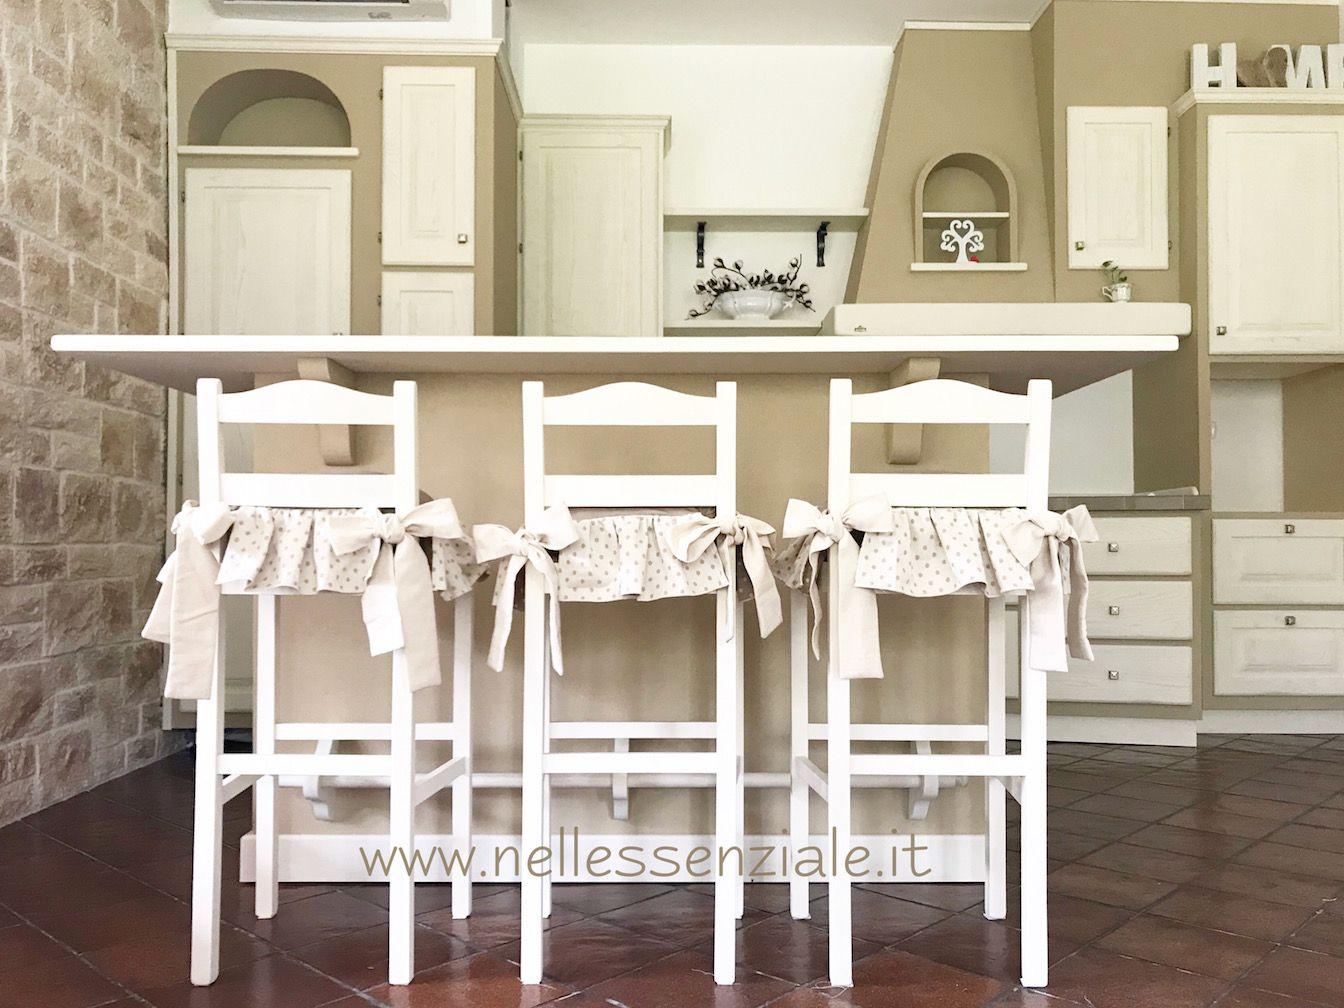 Coprisedie Economici ~ Oltre 25 fantastiche idee su sedia cucina su pinterest cucine in